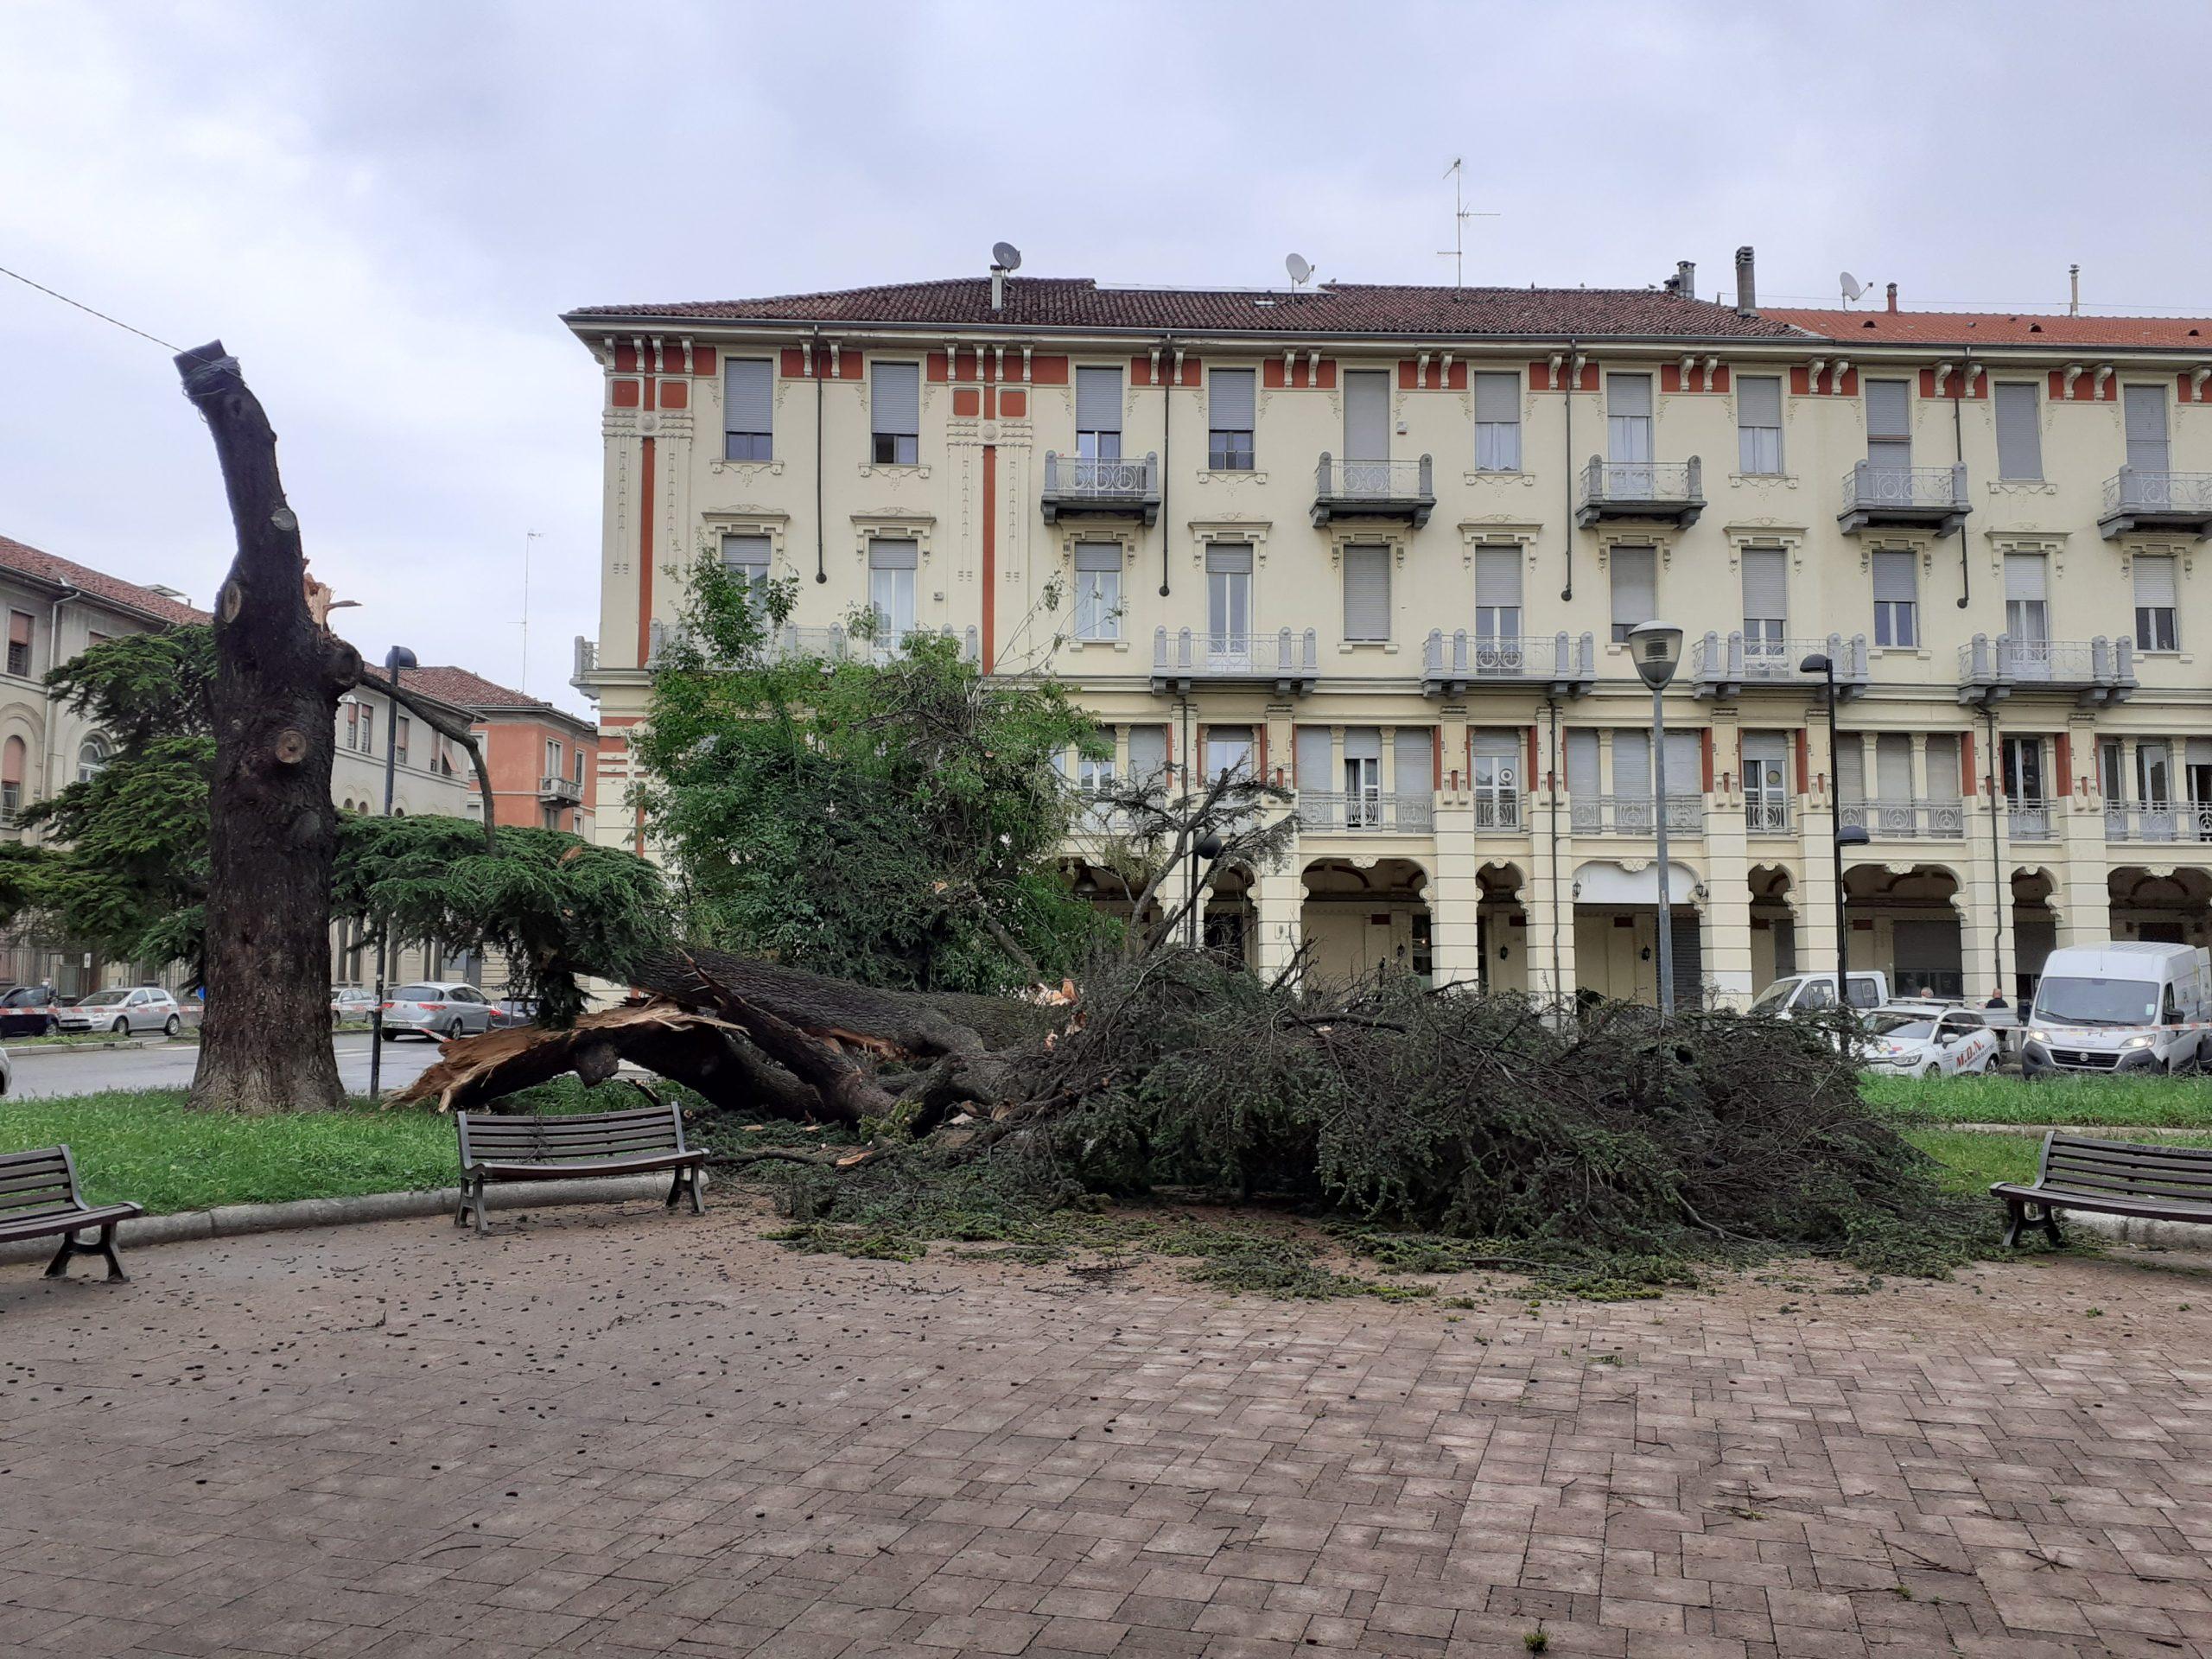 Albero Della Fortuna Pianta crollato un albero in piazza matteotti ad alessandria: due